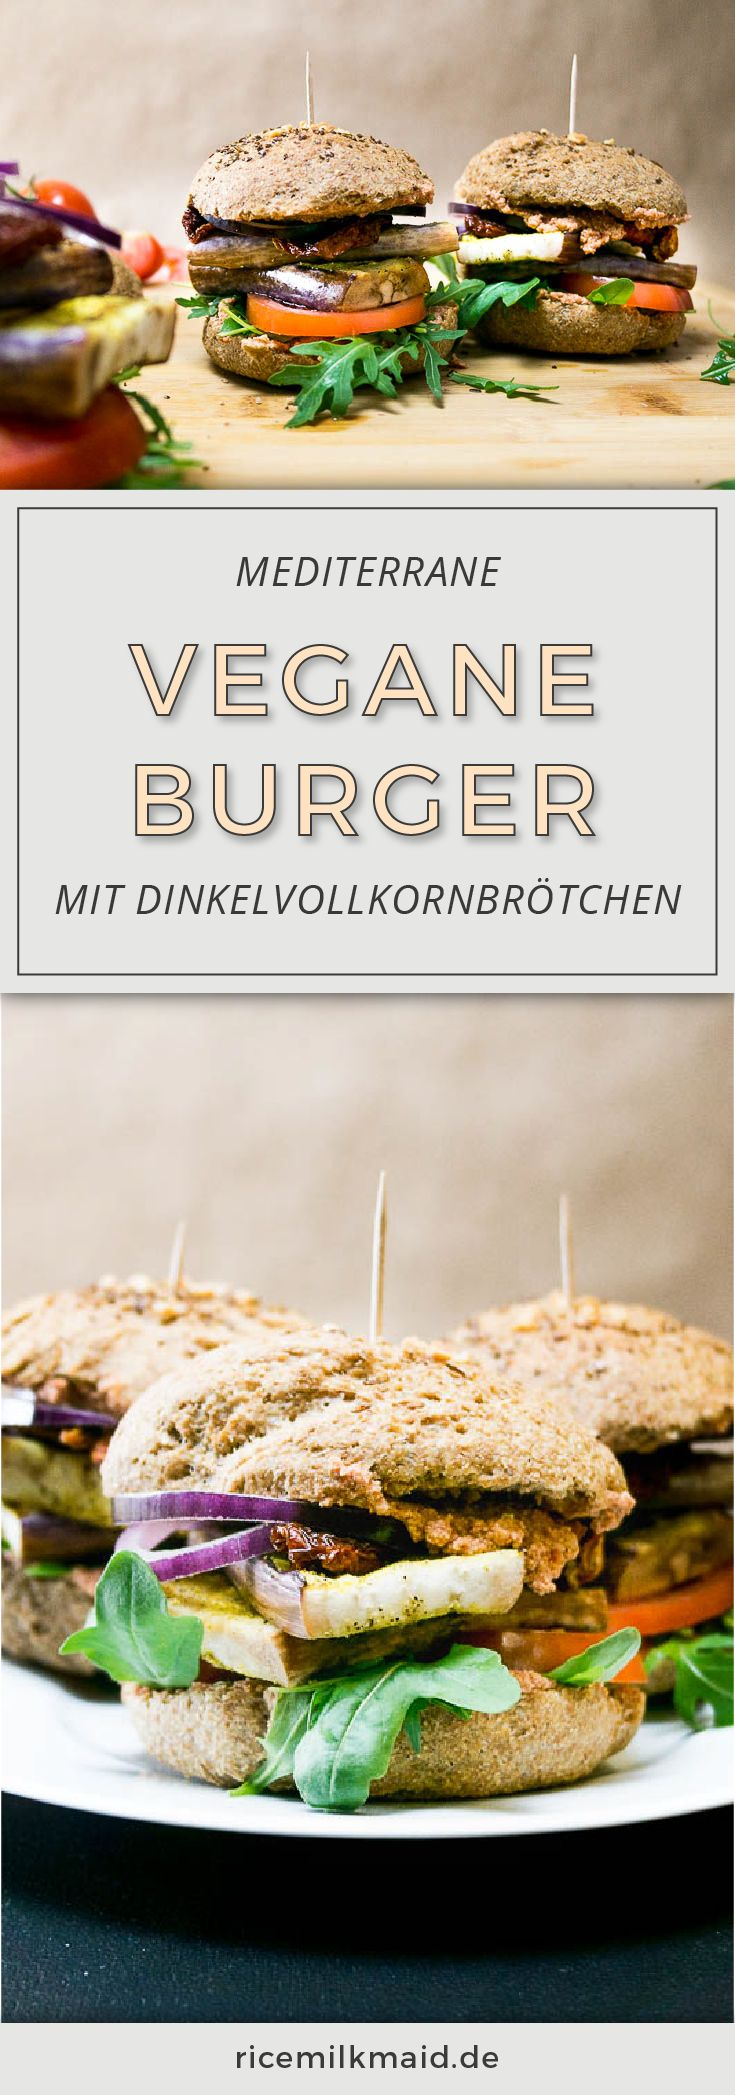 Mediterrane Burger mit selbst gemachten Dinkelvollkornbrötchen. Natürlich vegan und sommerlich frisch. ♥   Ricemilkmaid Blog